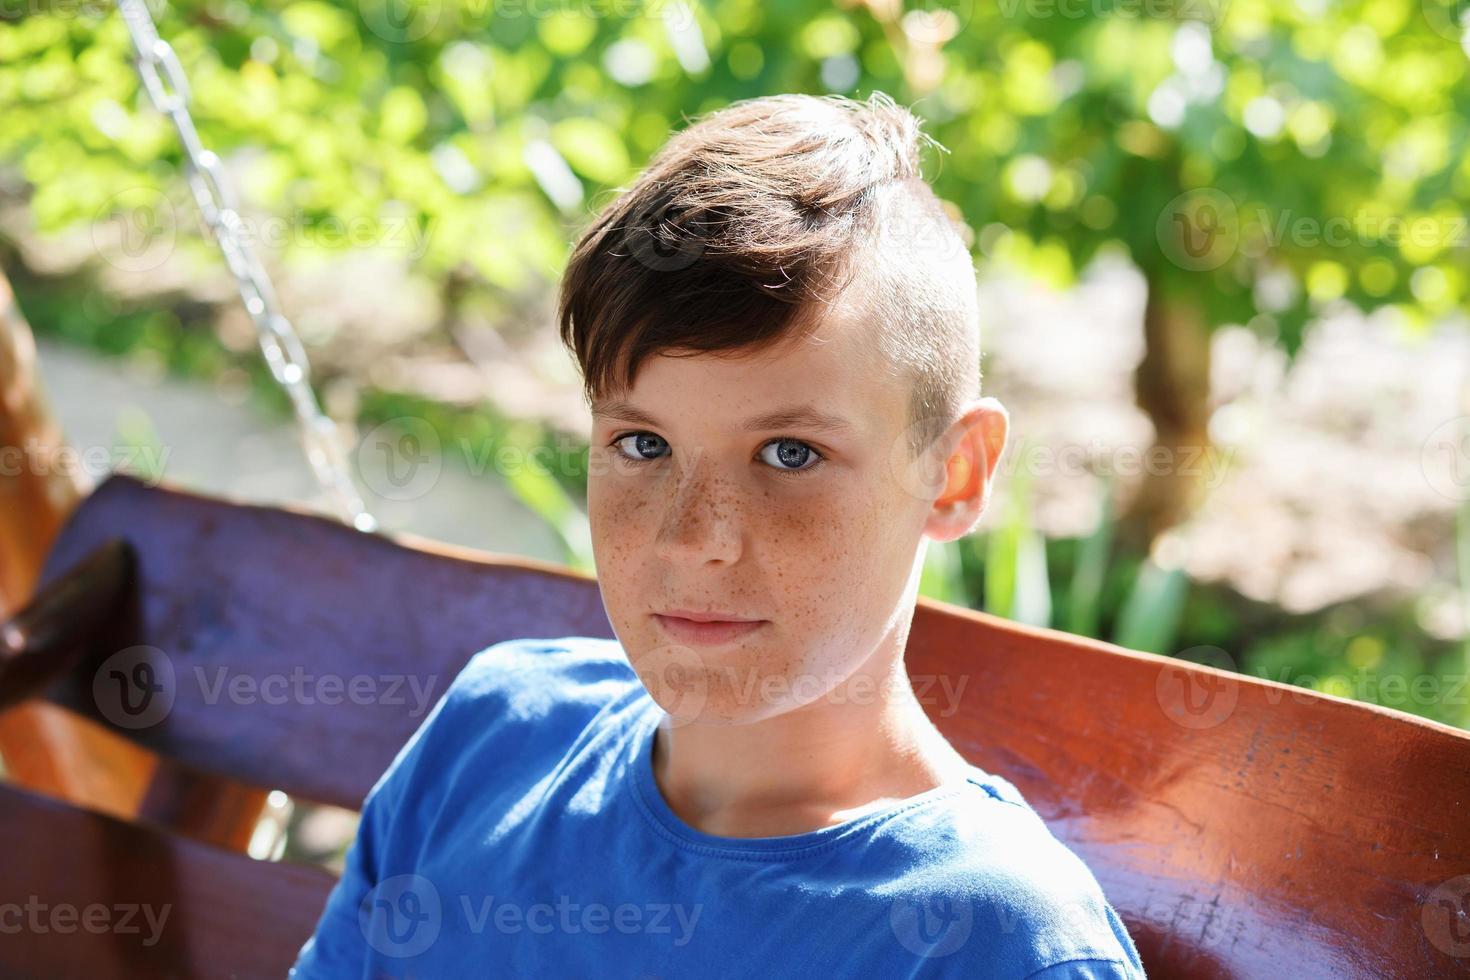 Ritratto di Close-up di un bel ragazzo adolescente foto